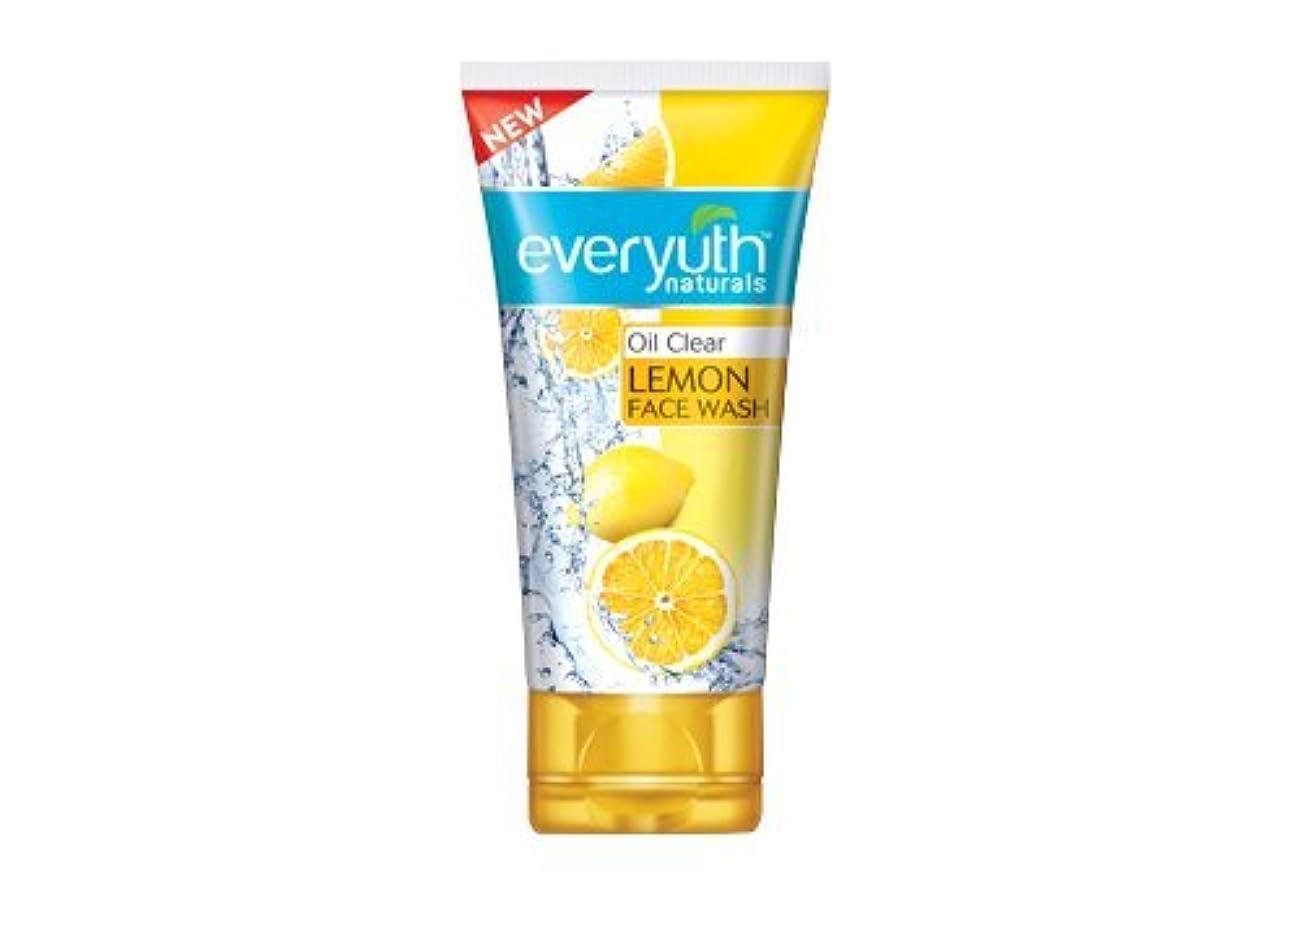 リベラルキャビン是正するEveryuth Naturals Oil Clear Lemon Face Wash 50Gm (1 Pack)